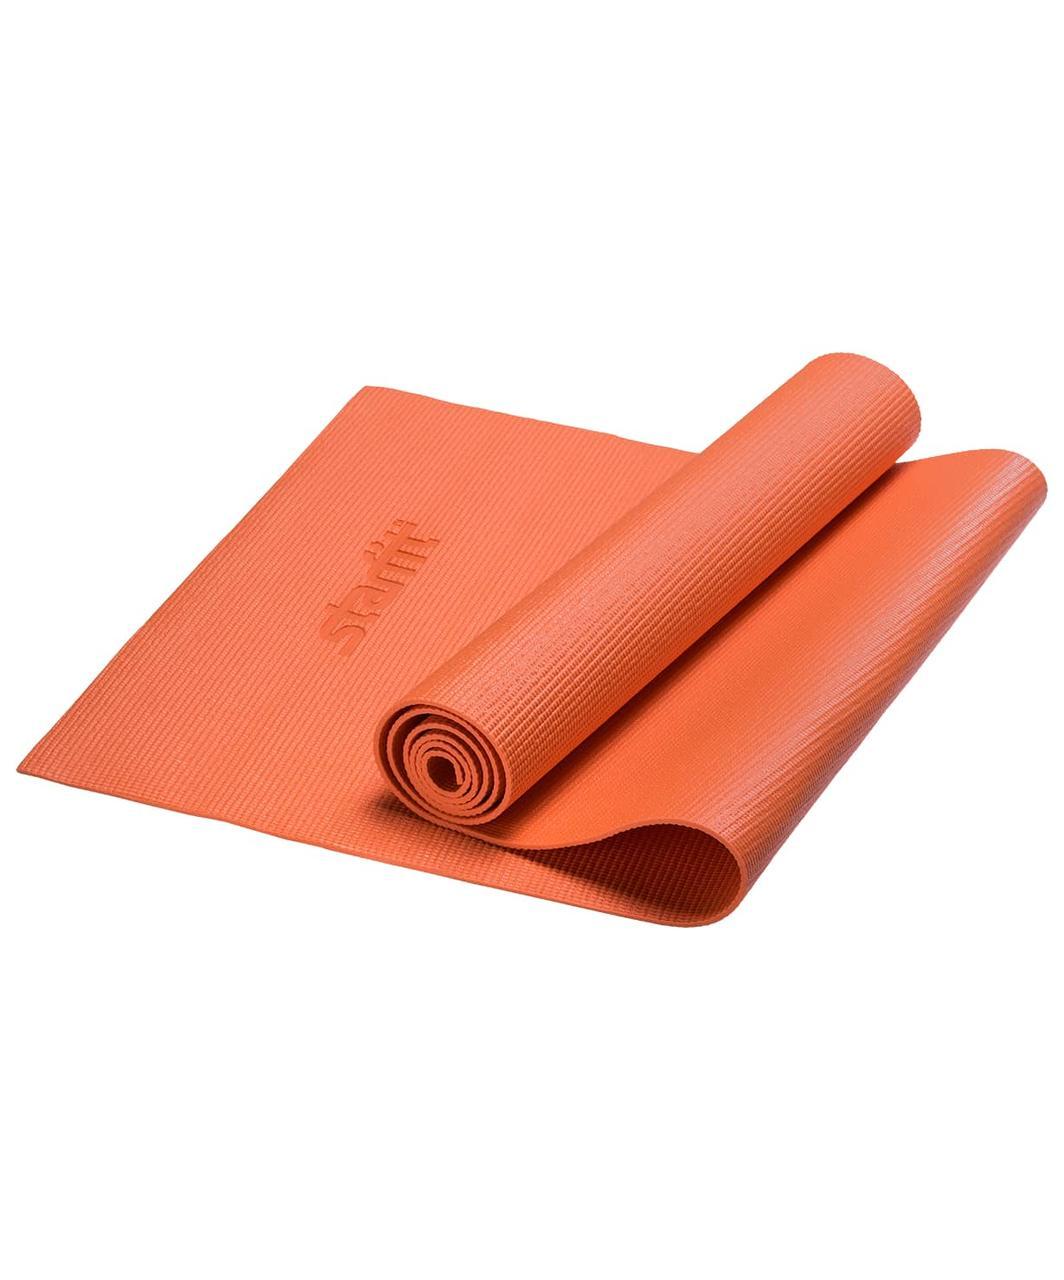 Коврик для йоги FM-101, PVC, 173x61x0,4 см, Starfit